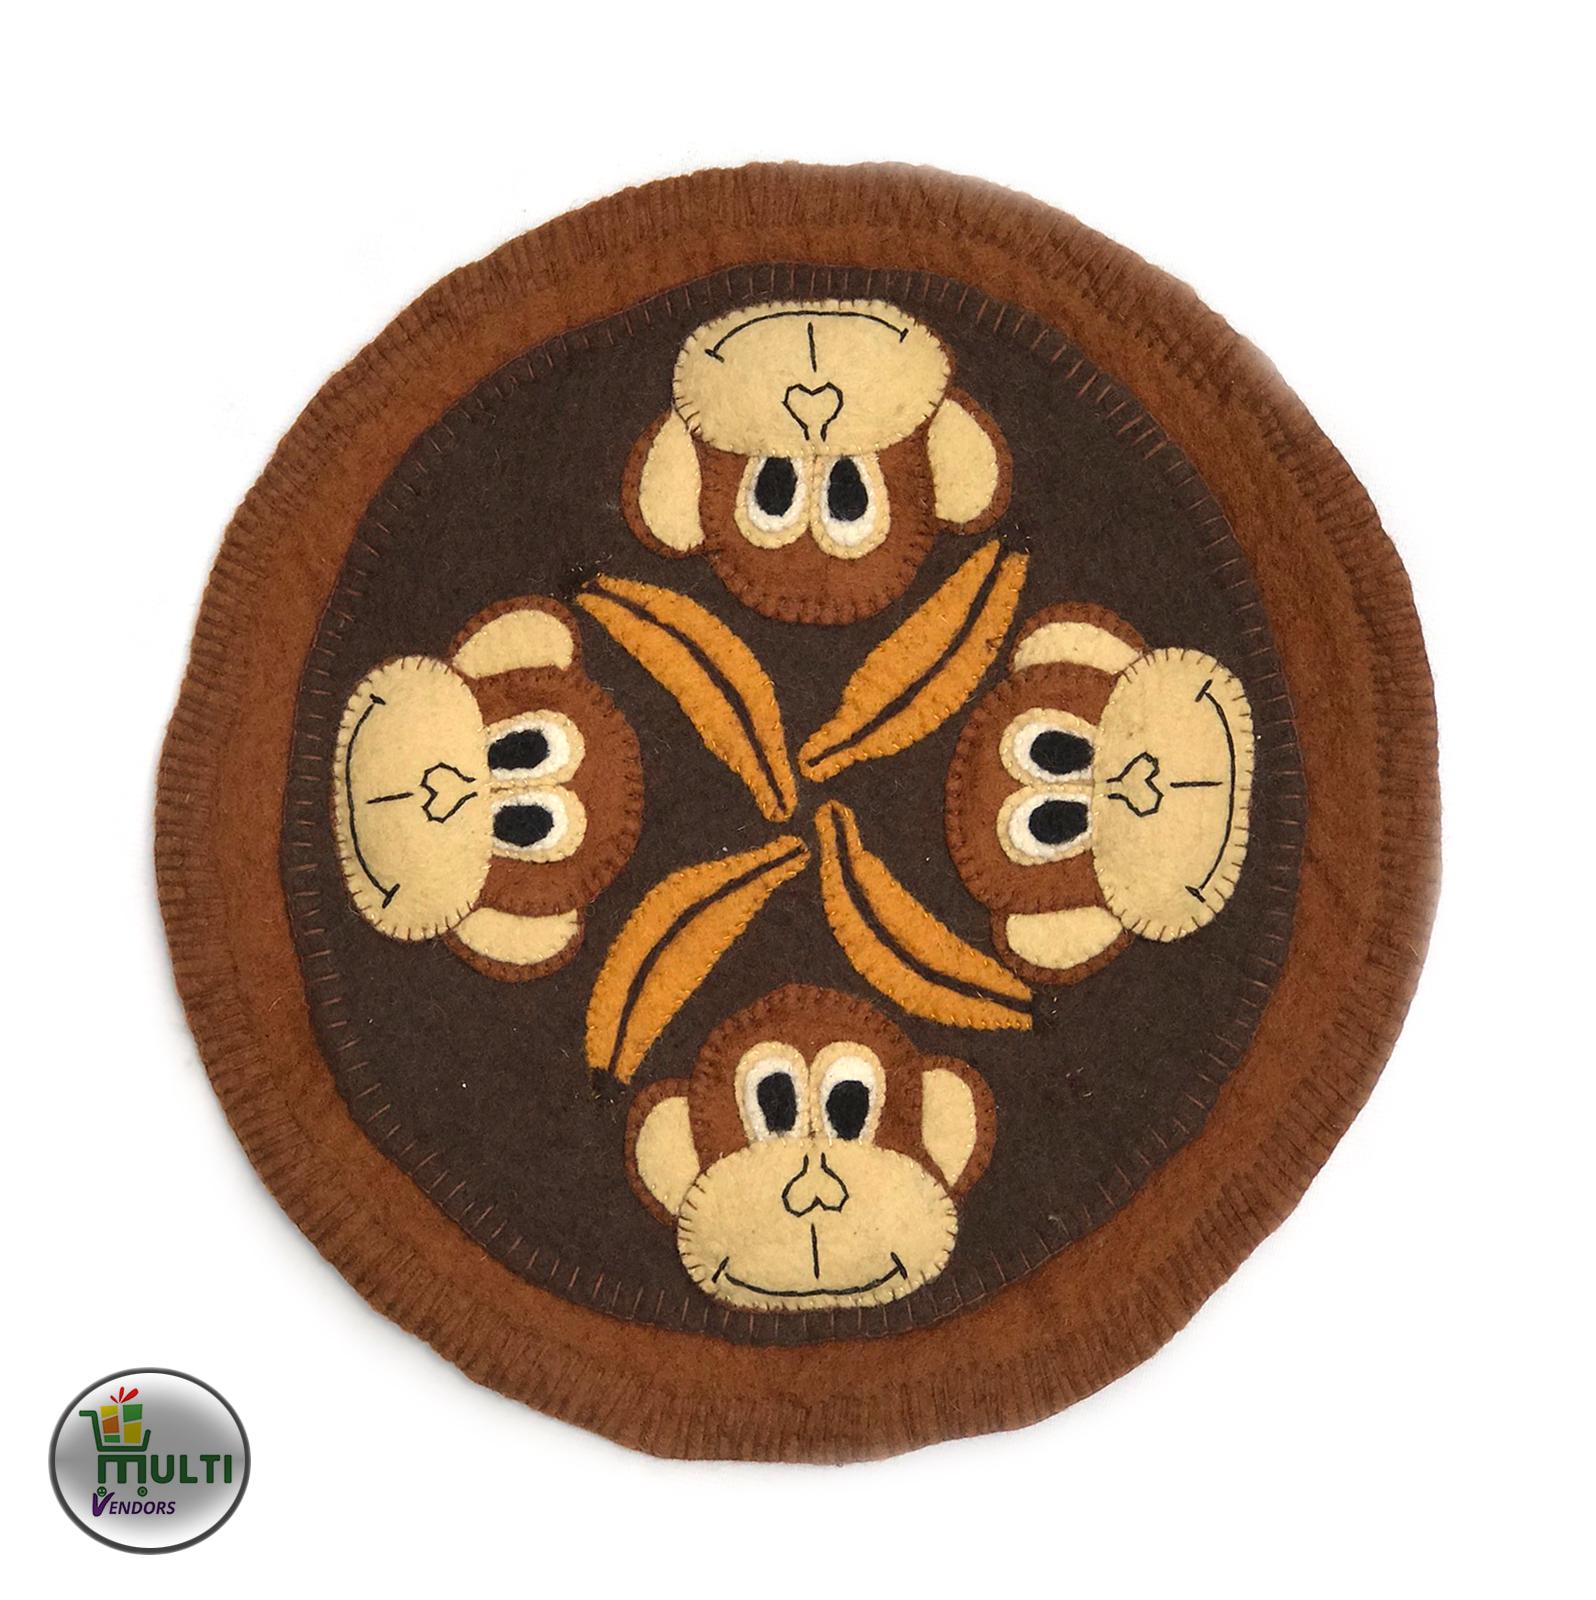 Monkey Design Felt Carpet  M.V.S.H-036